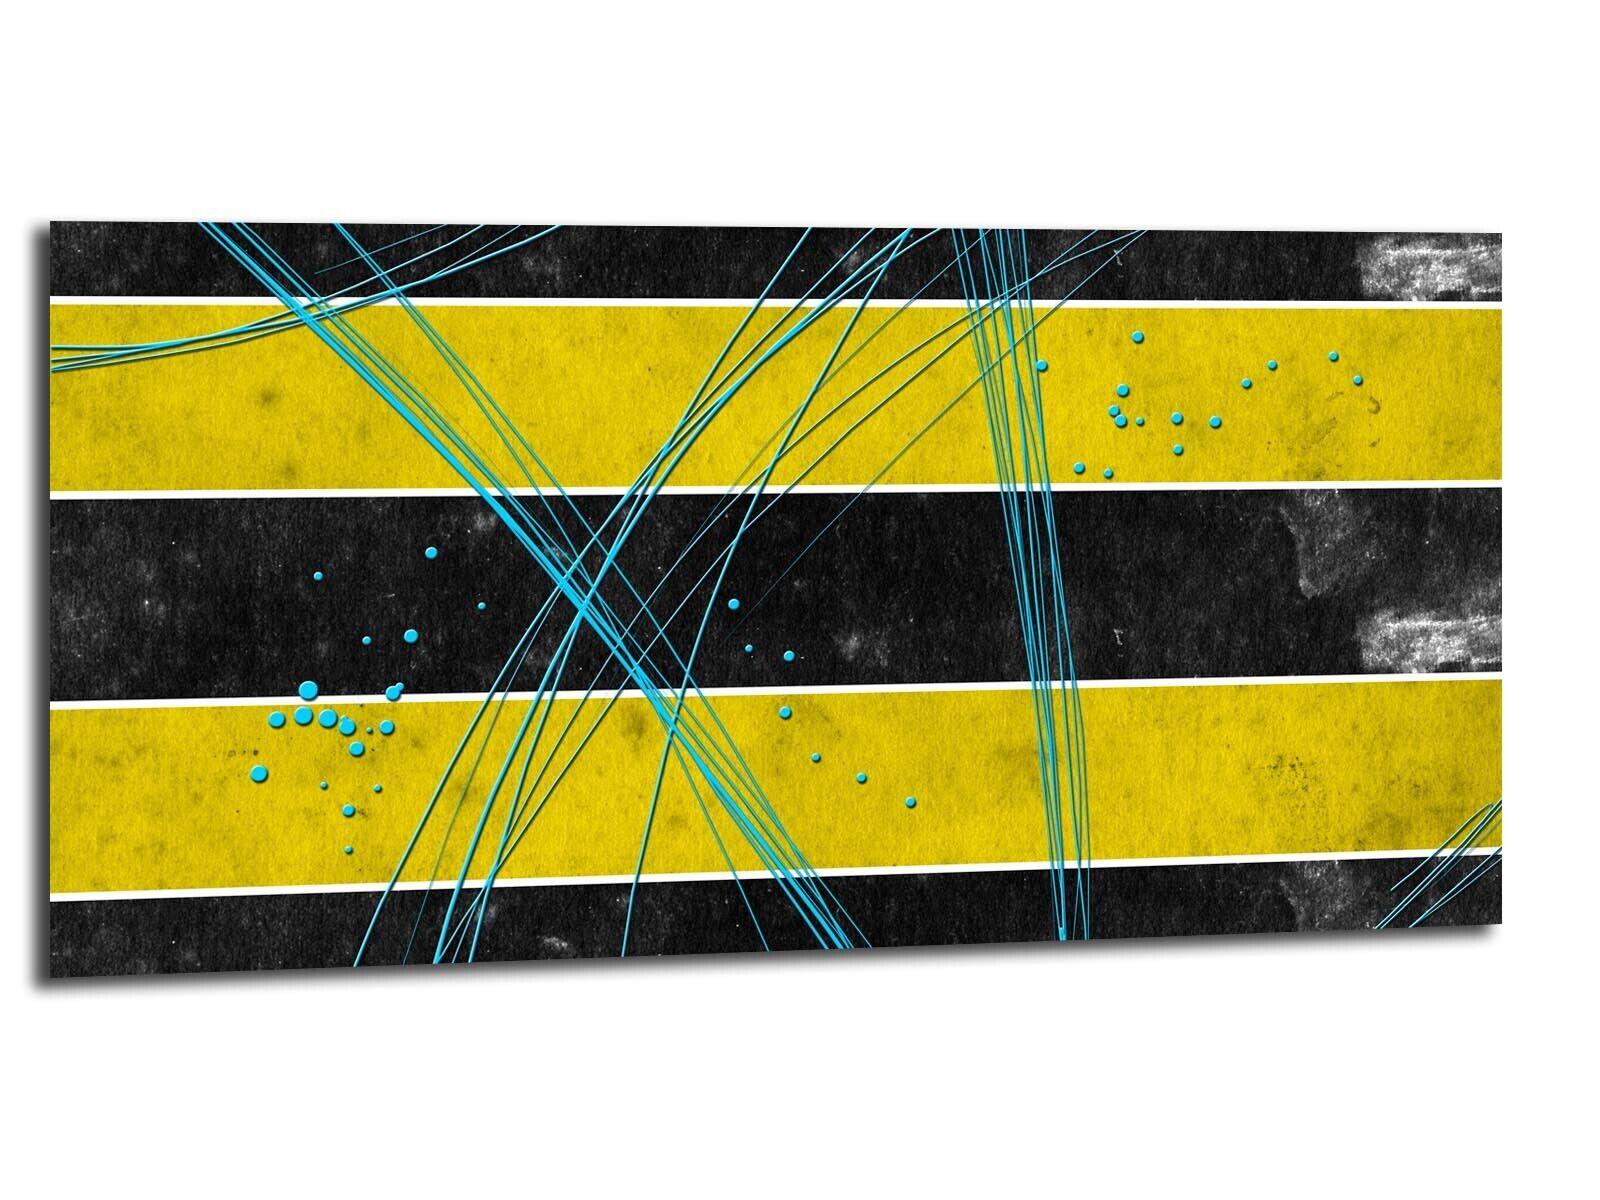 Alu-Dibond Bild ALU100501491 FADE STYLE GELB 100 x 50 cm Wandbild ABSTRAKT